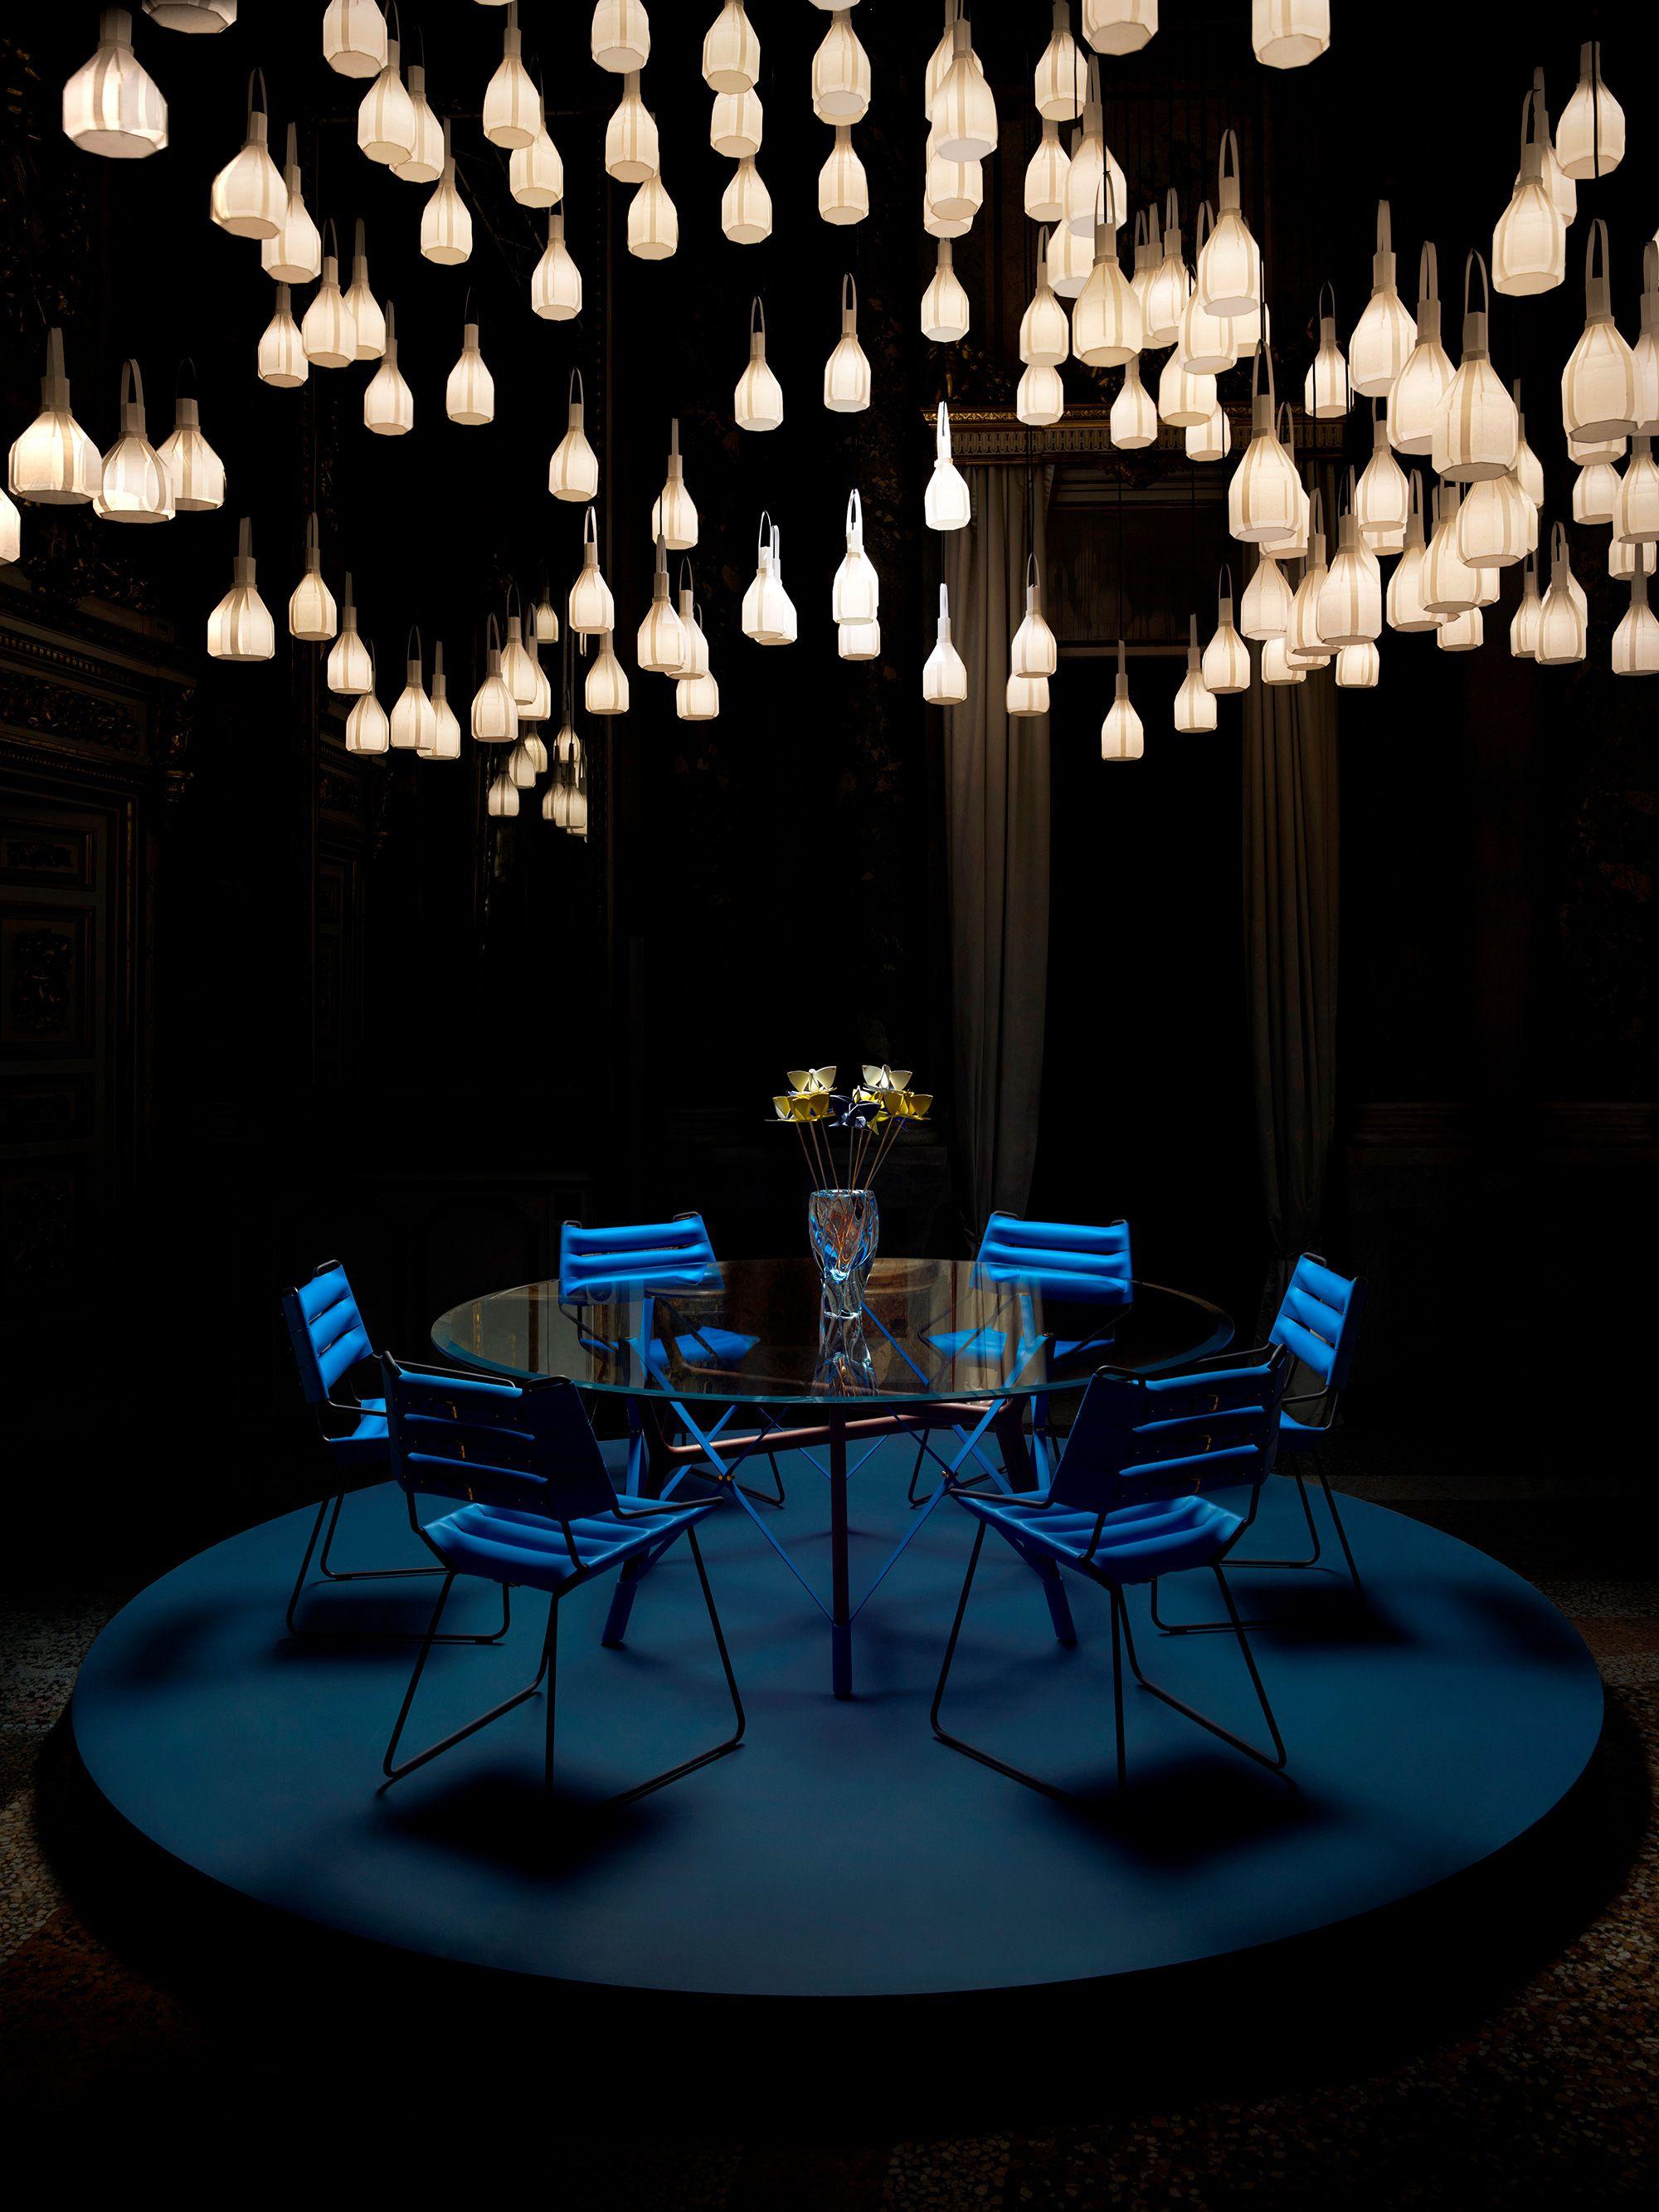 Louis Vuitton パラッツォ・セルベローニで開催されたルイ・ヴィトン オブジェ・ノマド コレクションより、吉岡徳仁の新作は伝統的なモノグラム・フラワーにインスピレーションを得た「Blossom Base」(写真テーブルの上)。©︎ Louis Vuitton